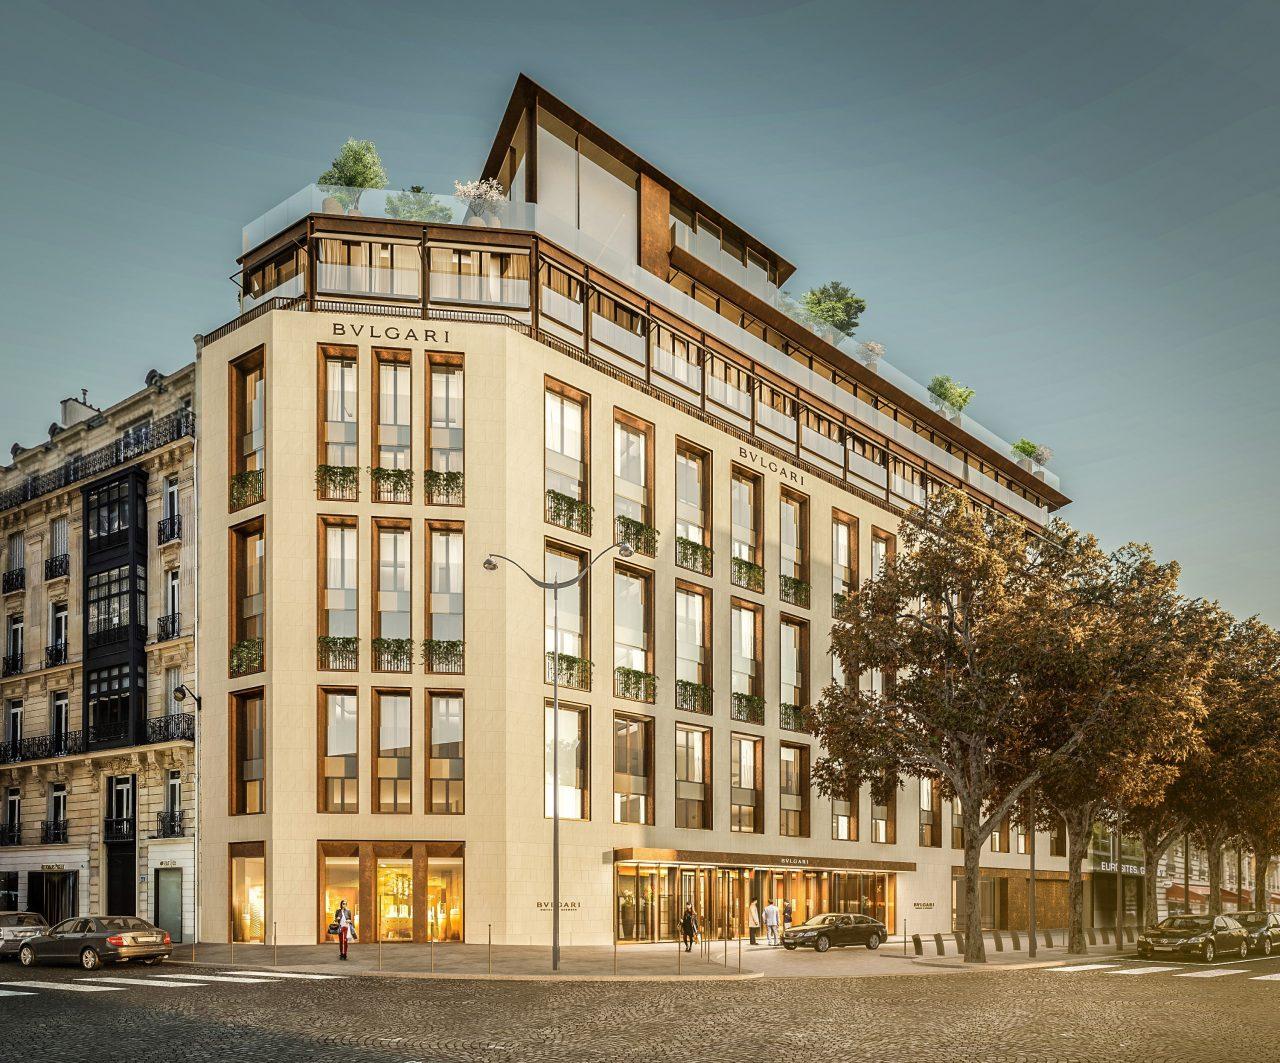 Bvlgari anuncia la apertura de su primer hotel en París